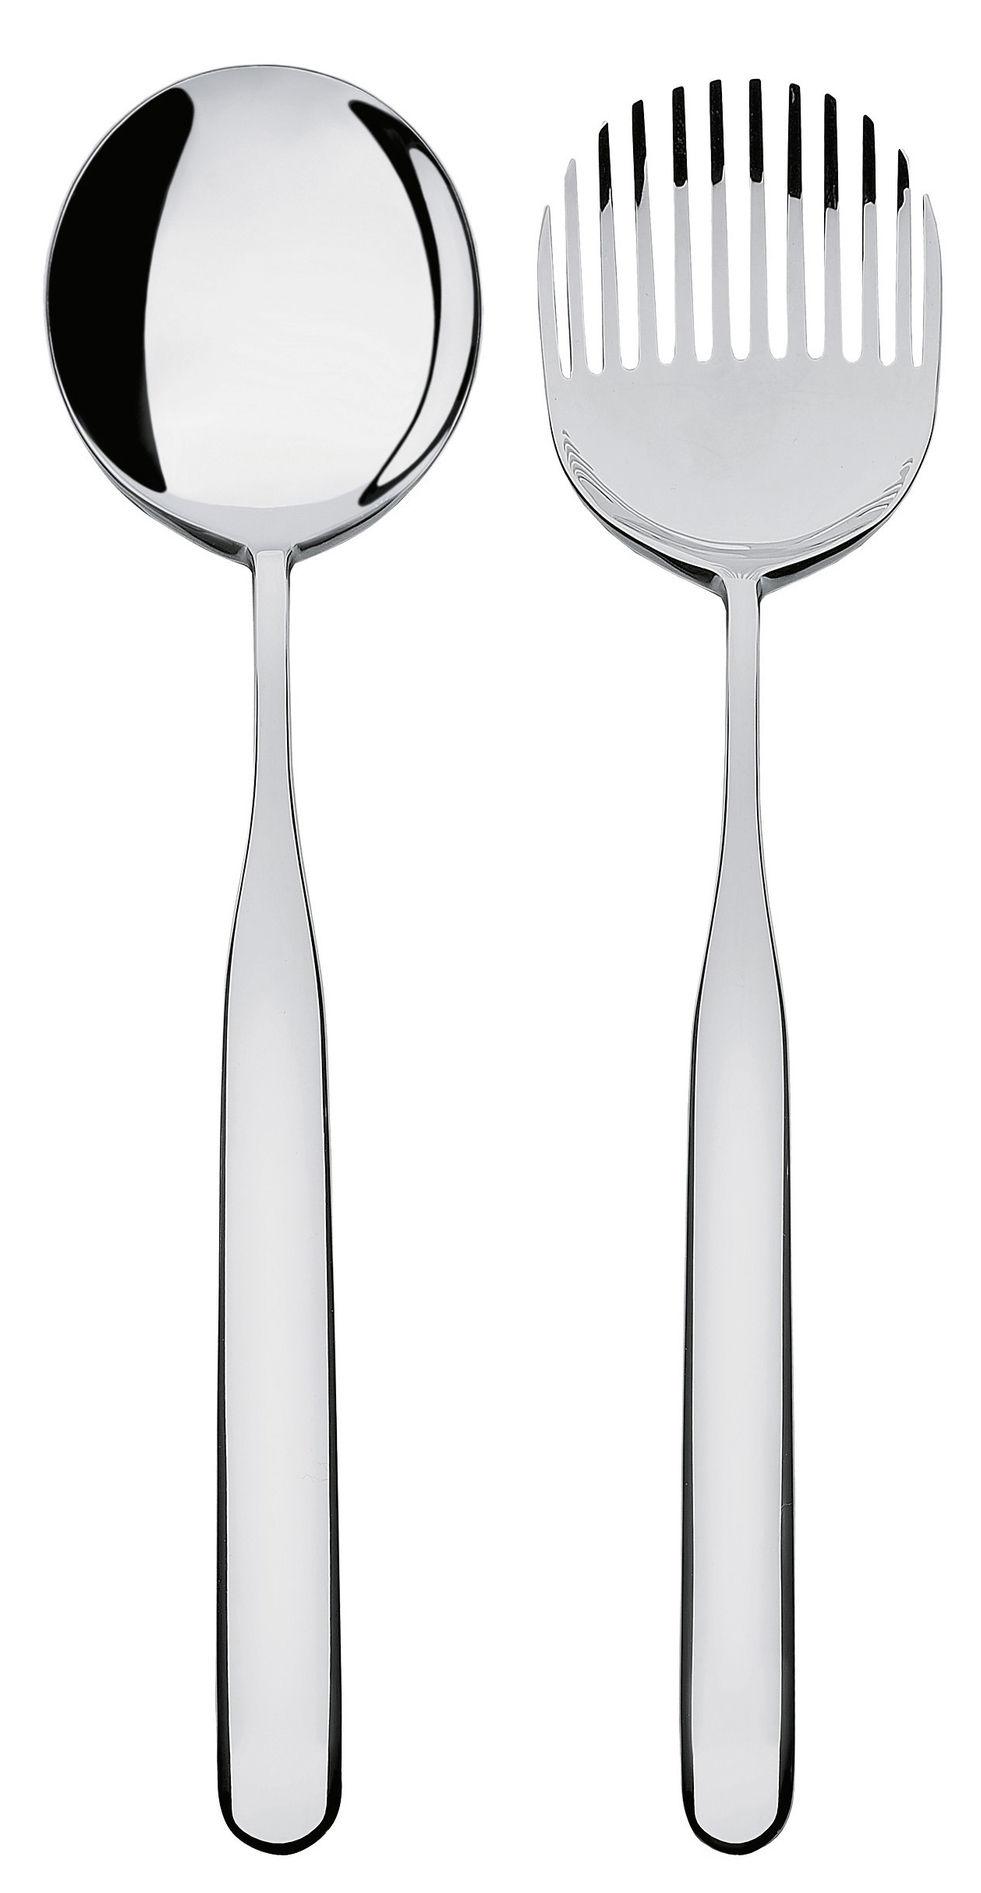 Arts de la table - Couverts de service - Couverts à salade Collo-Alto - Alessi - Acier poli miroir - Acier inoxydable 18/10